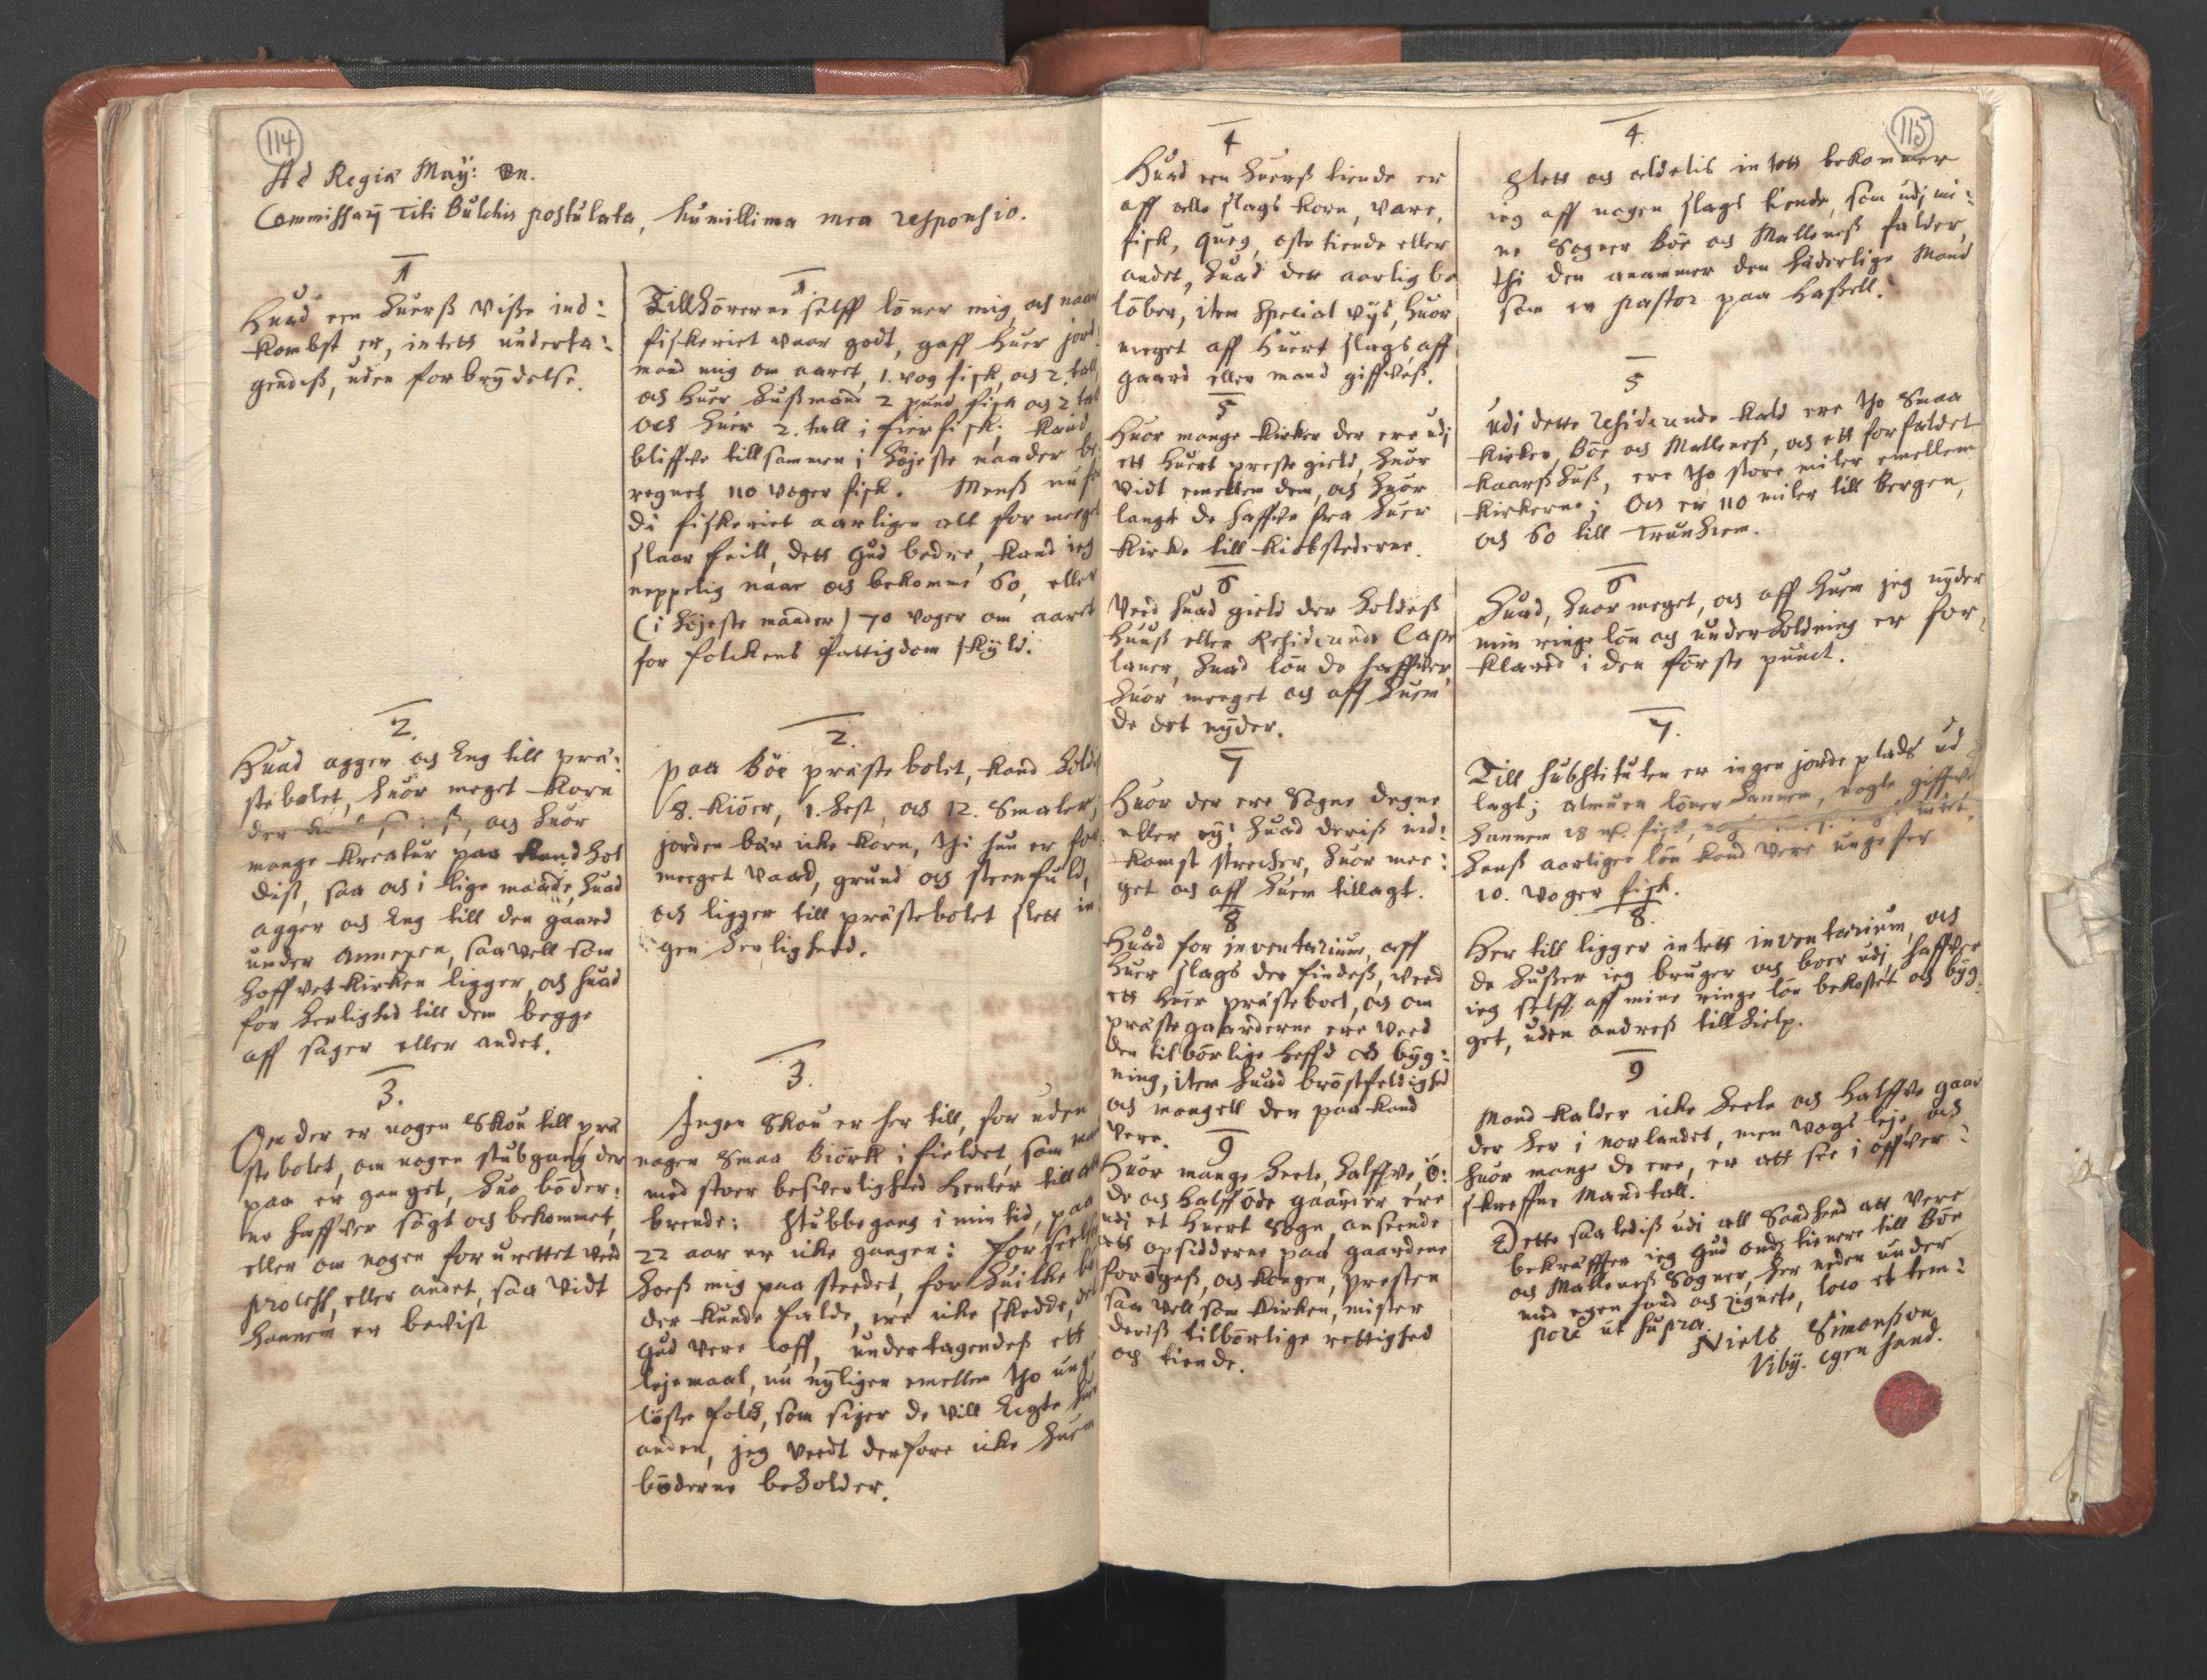 RA, Sogneprestenes manntall 1664-1666, nr. 36: Lofoten og Vesterålen prosti, Senja prosti og Troms prosti, 1664-1666, s. 114-115